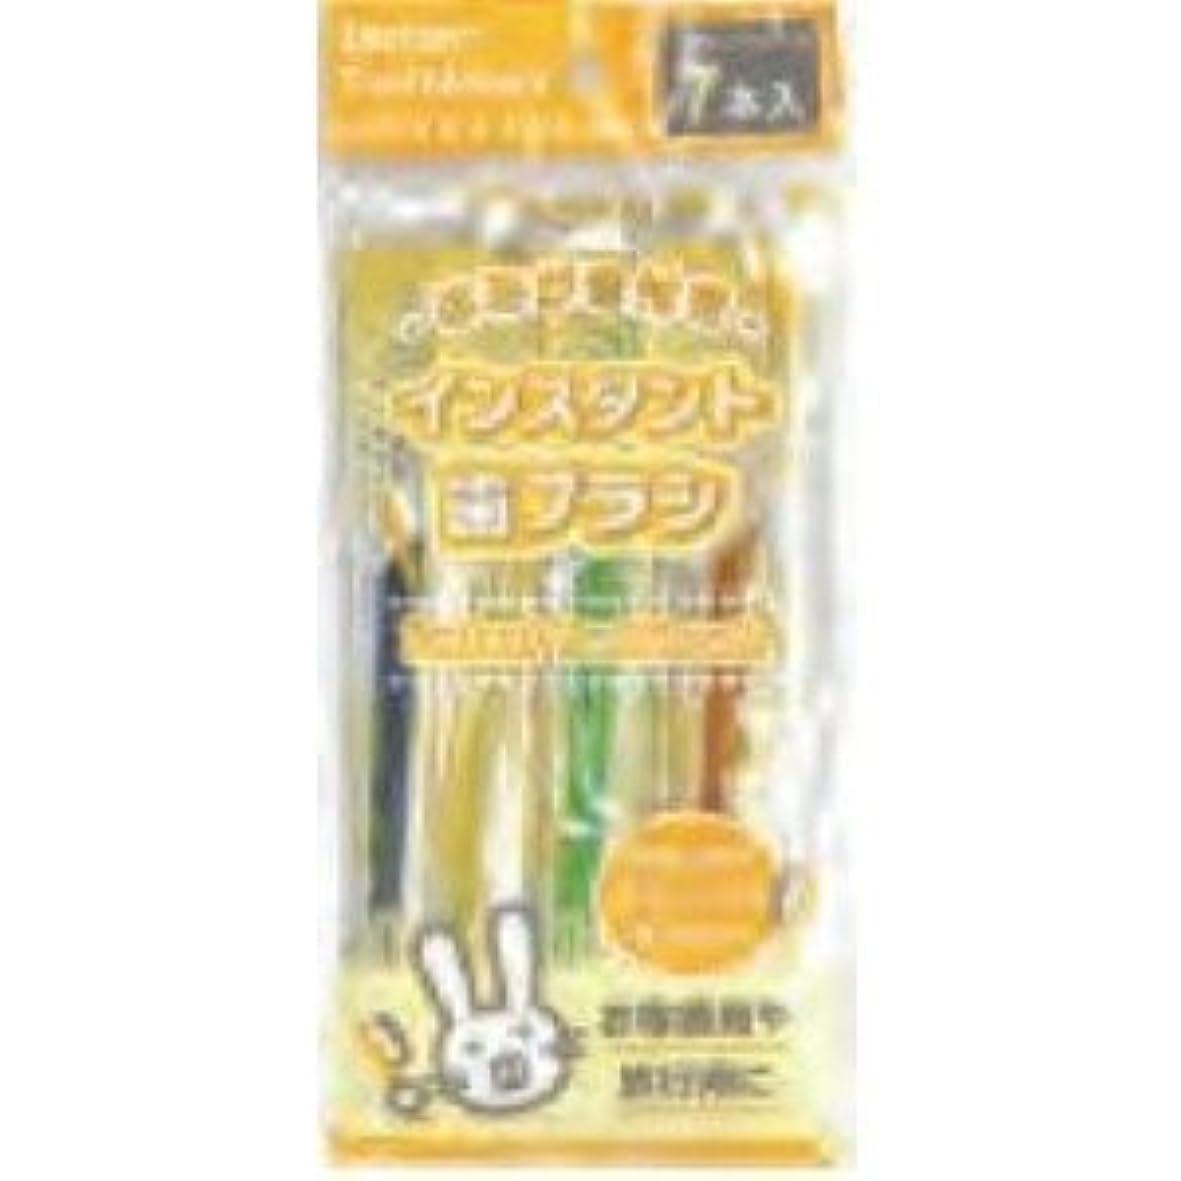 カウンタヒゲシティ歯みがき付きインスタント歯ブラシ7P アソート HH-122 【10個セット】